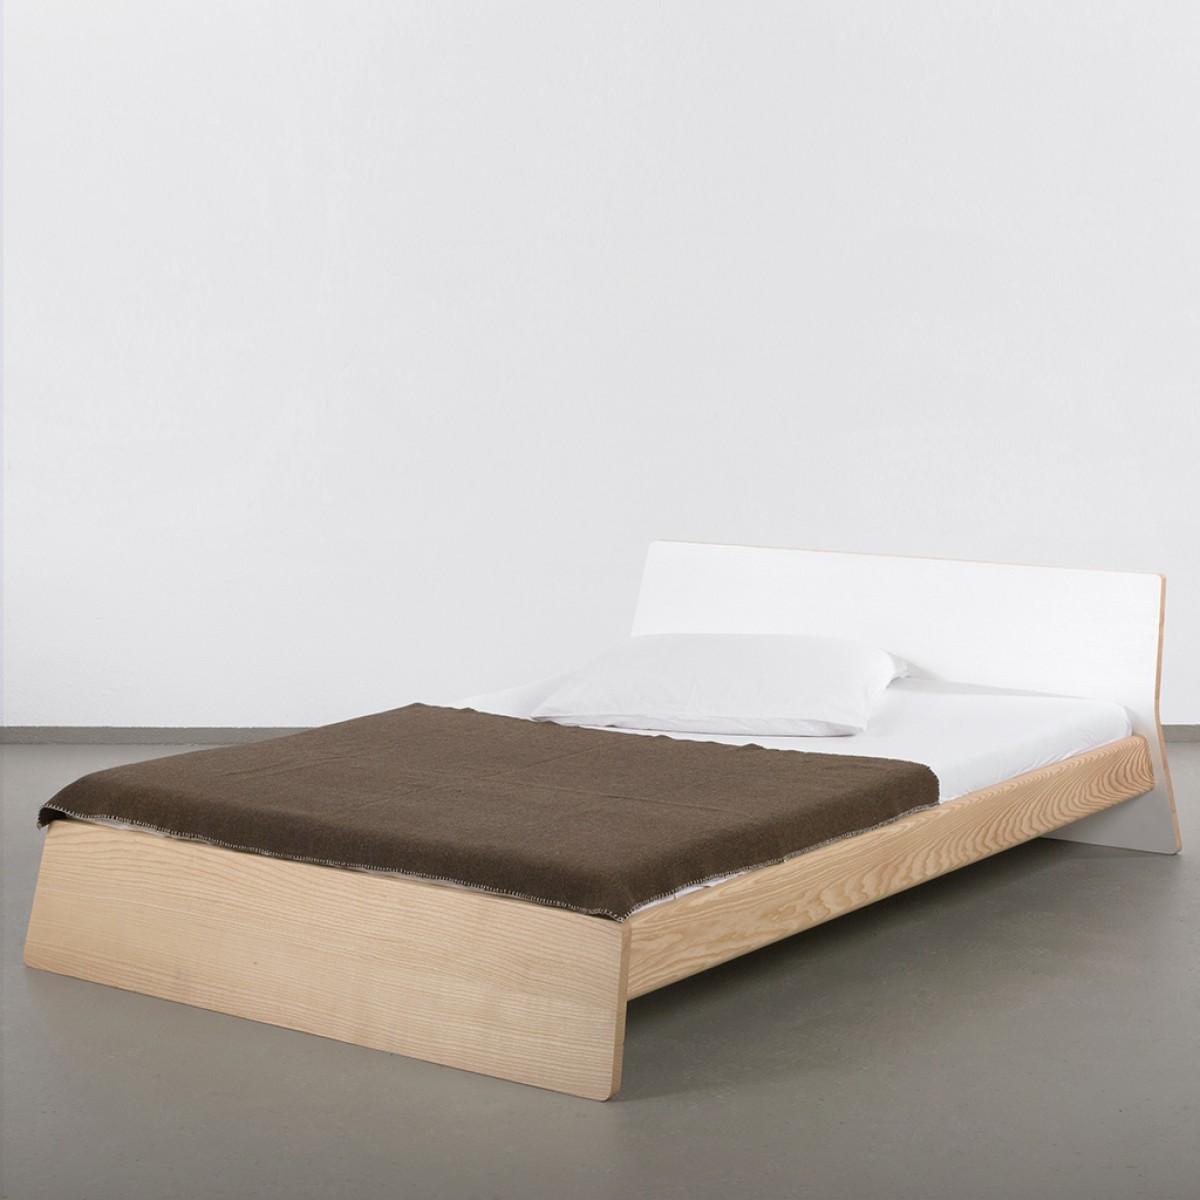 Full Size of Europaletten Bett 160x200 Kaufen 160 X 180 Cm Gebraucht Oder Vs Holz Ellenberger Space 200 120 Flach 1 40x2 00 120x200 Mit Matratze Und Lattenrost Bettkasten Bett Bett 160